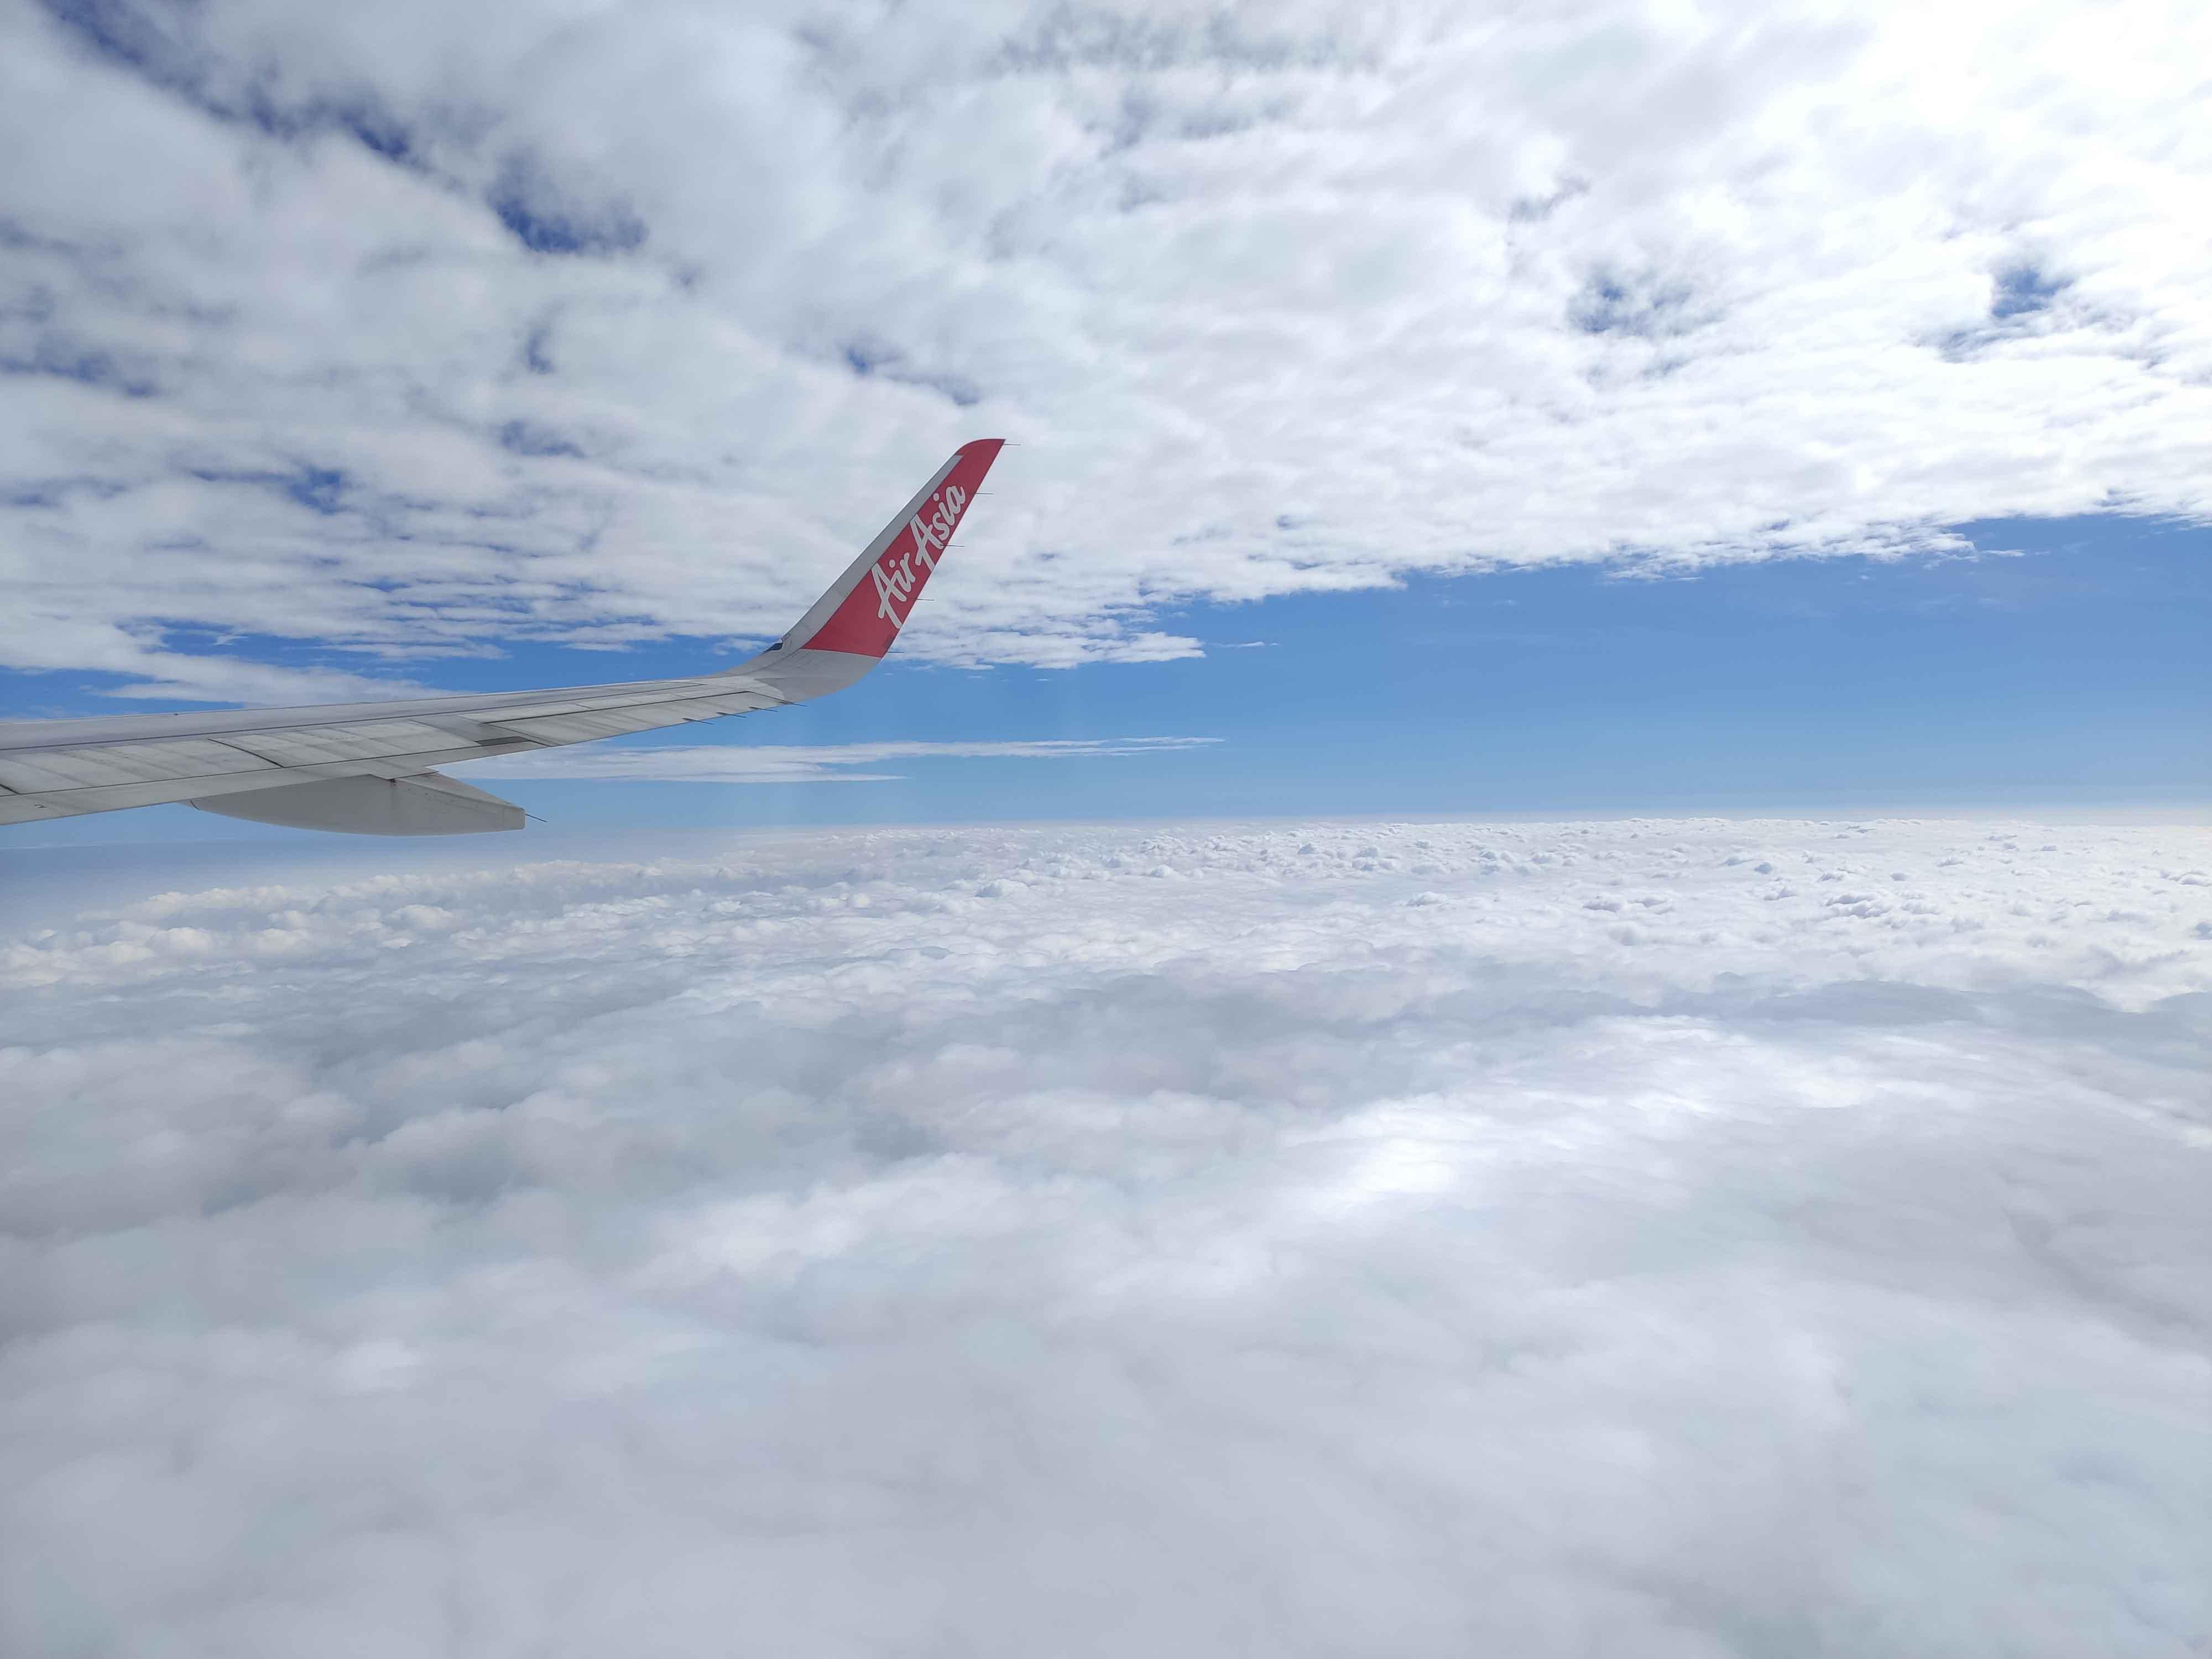 演出,运动,室外,客机,飞机,云朵,天空,飞行